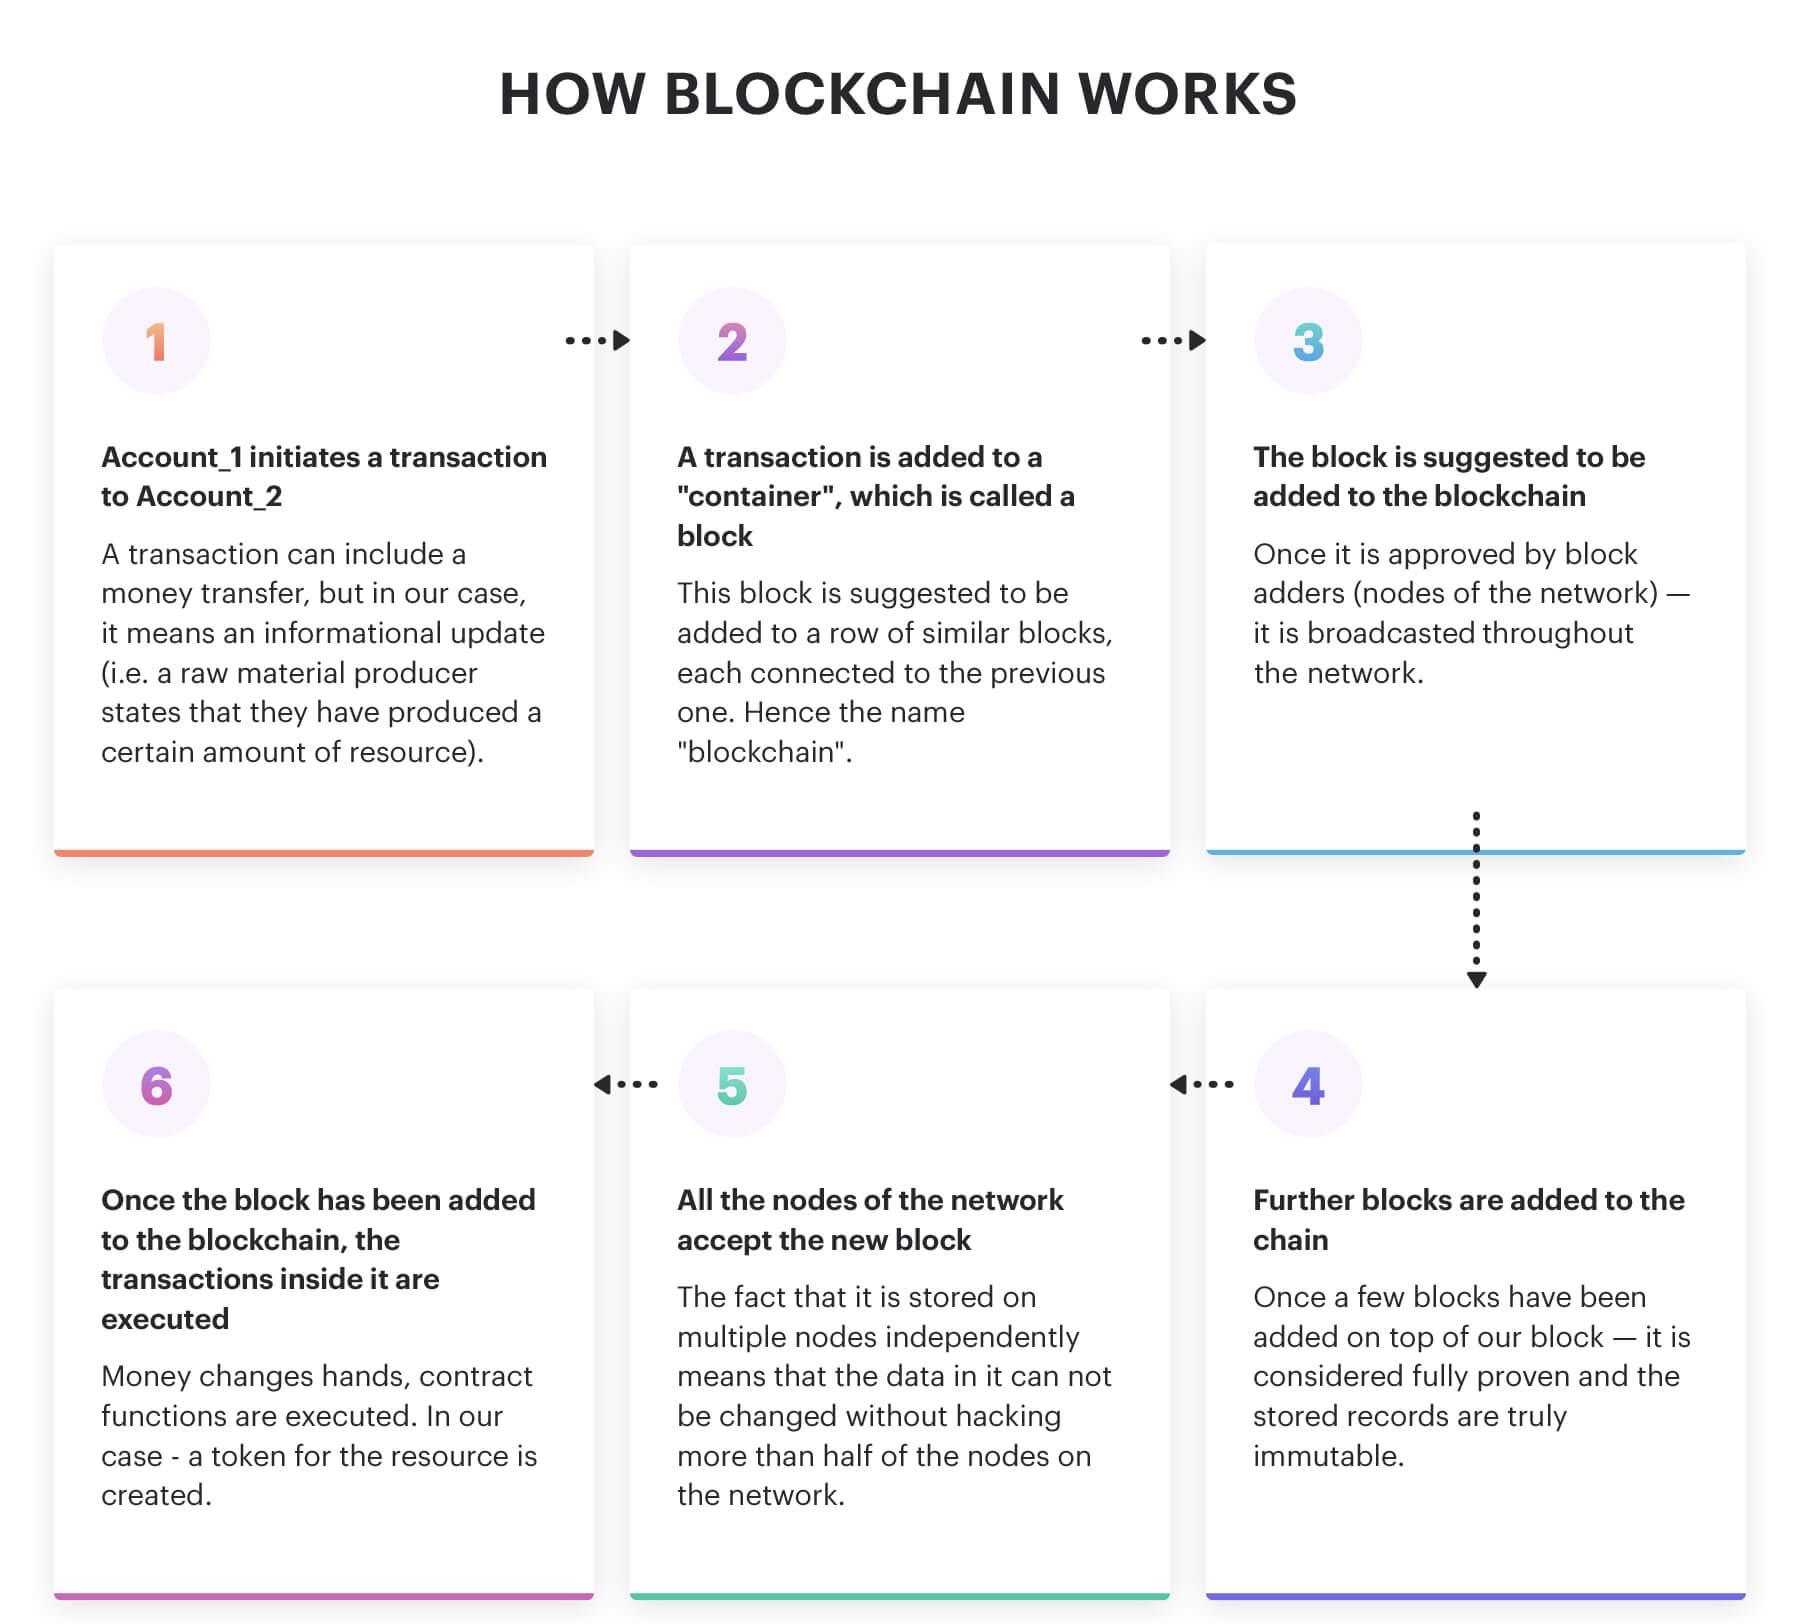 A scheme of blockchain working process